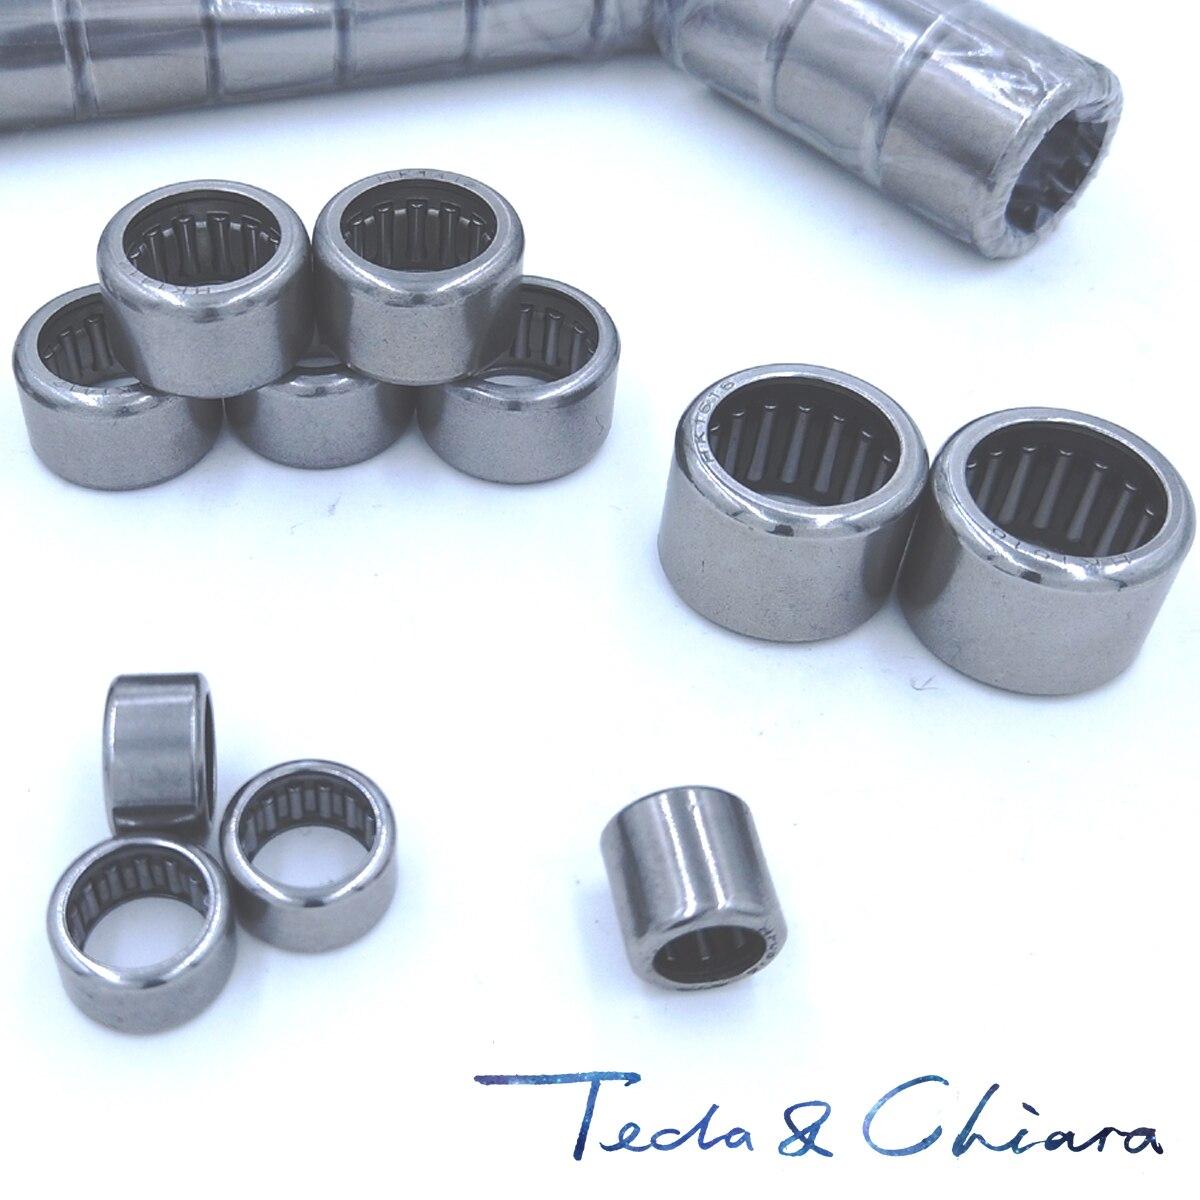 1 ud./1 pieza HK121715 HK1215 12x17x15mm dibujado tipo taza rodamiento de agujas de alta calidad *